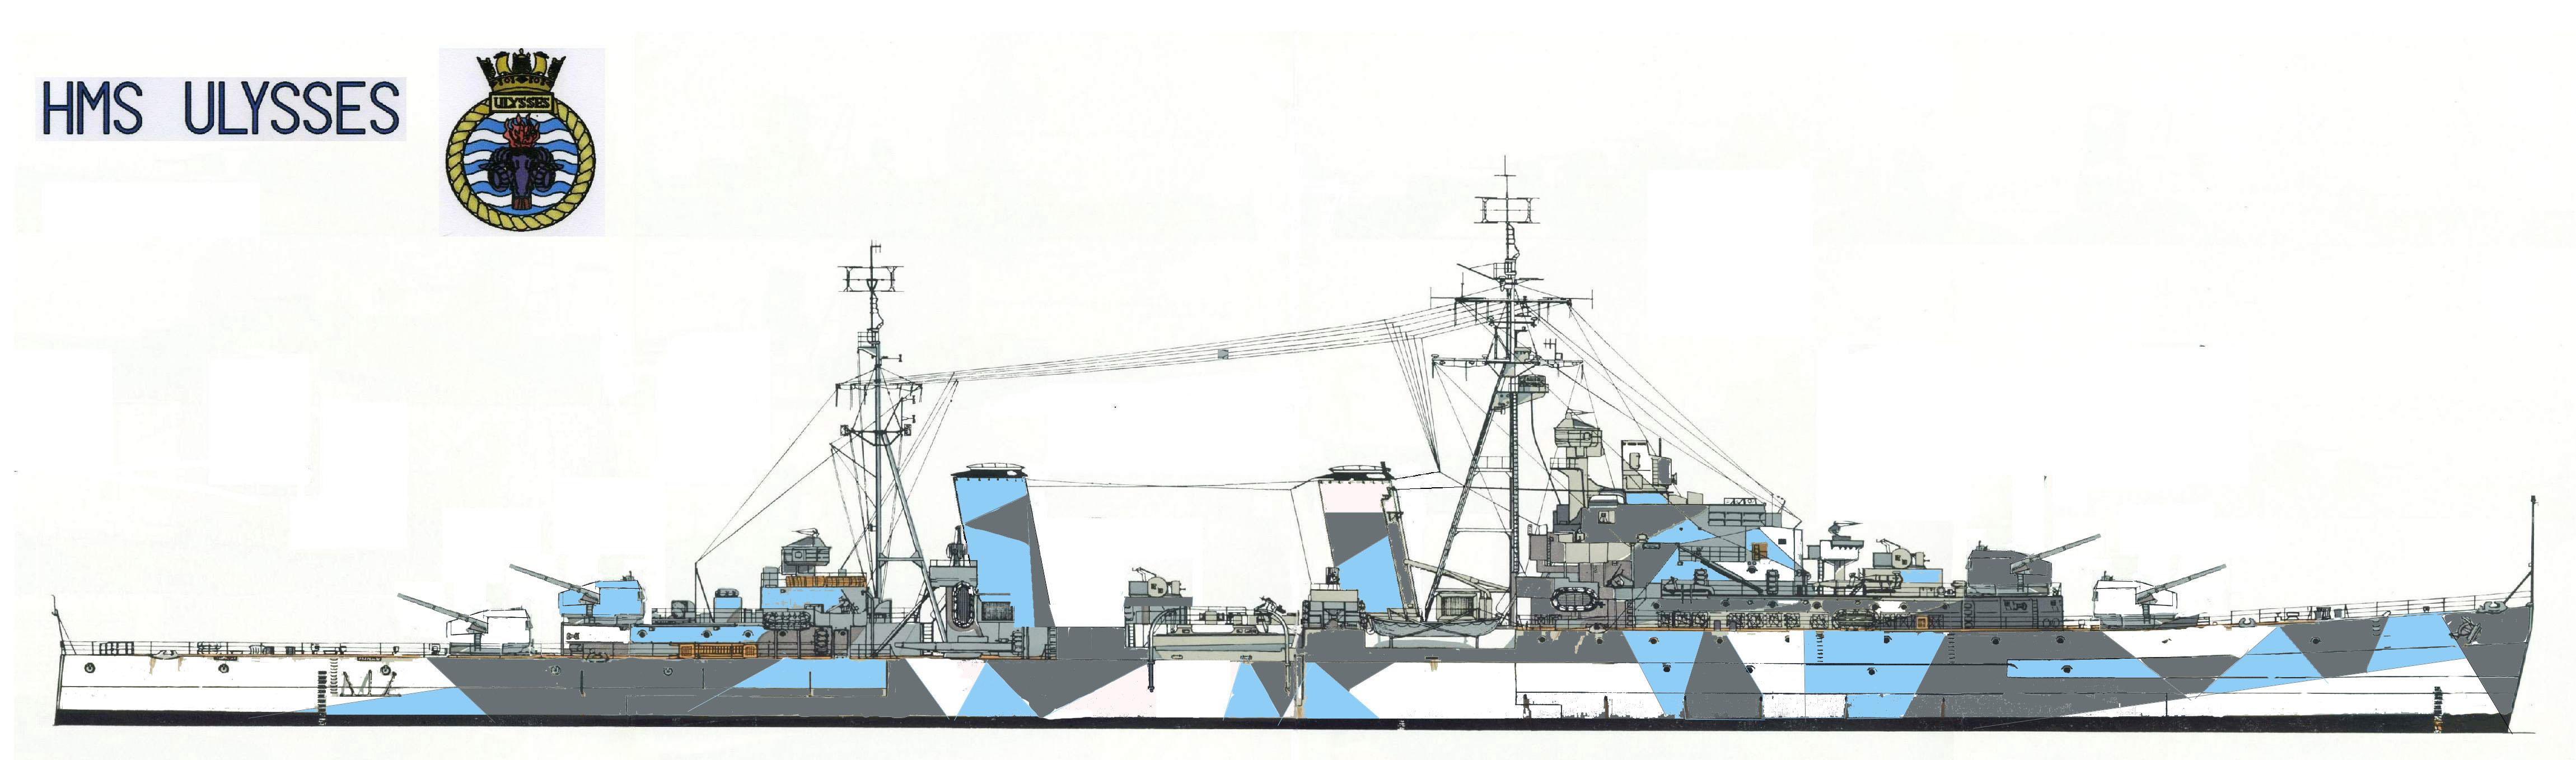 HMS_ULYSSES_Связист_0423.jpg